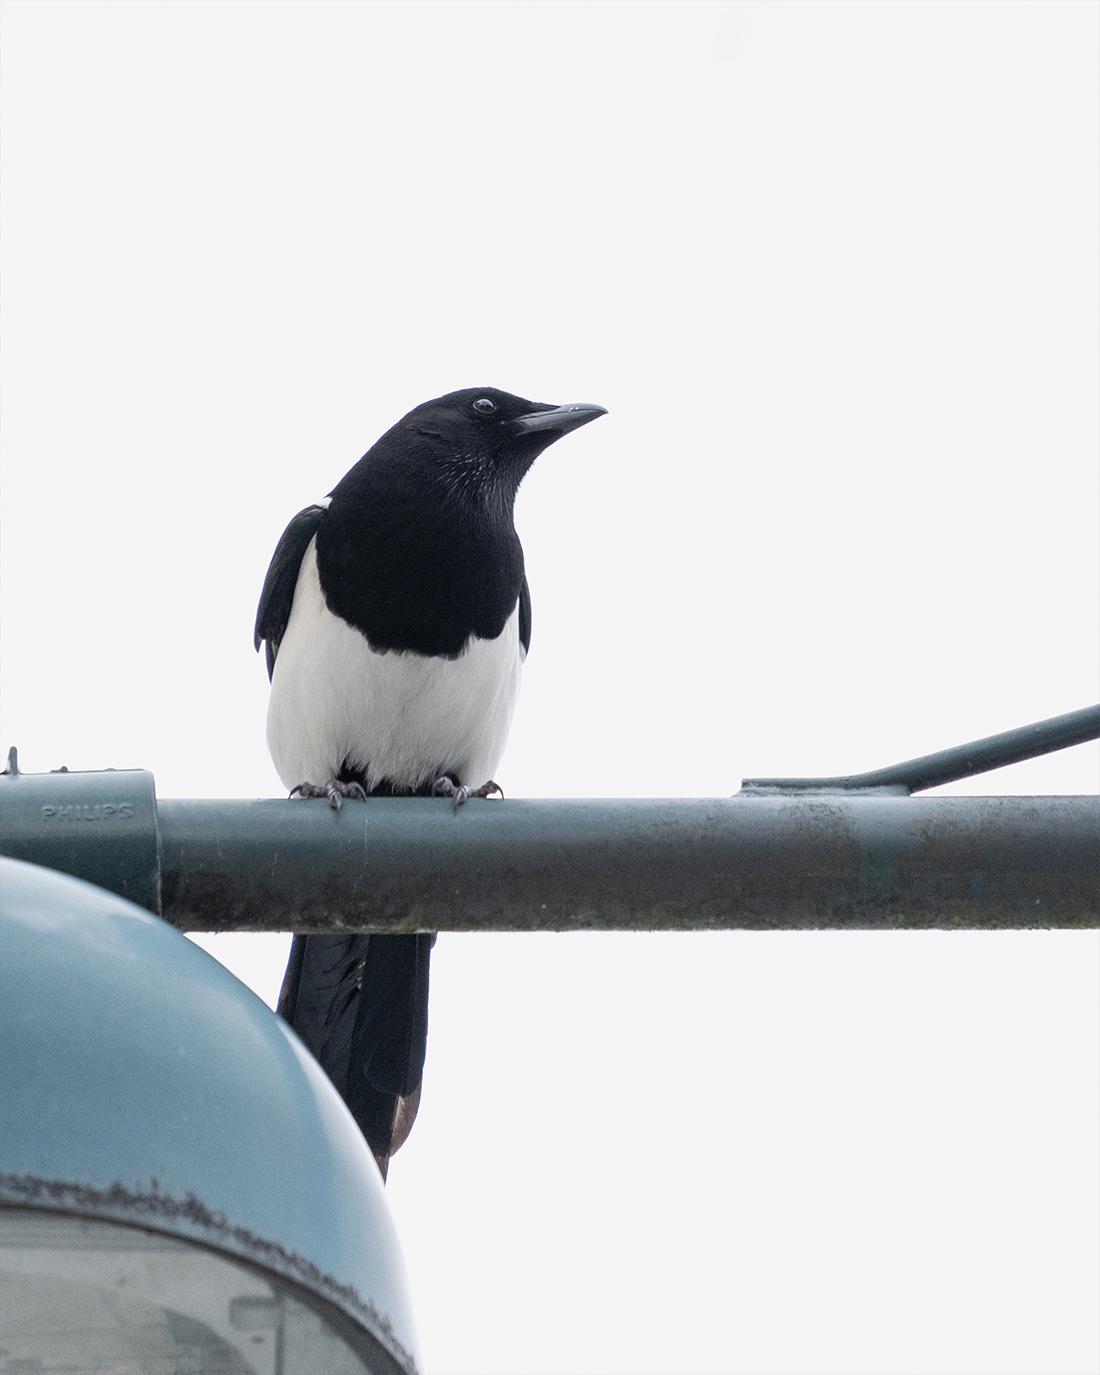 DSCF0349-2-WEB-ciliestad-skjære-trondheim-fuglefoto